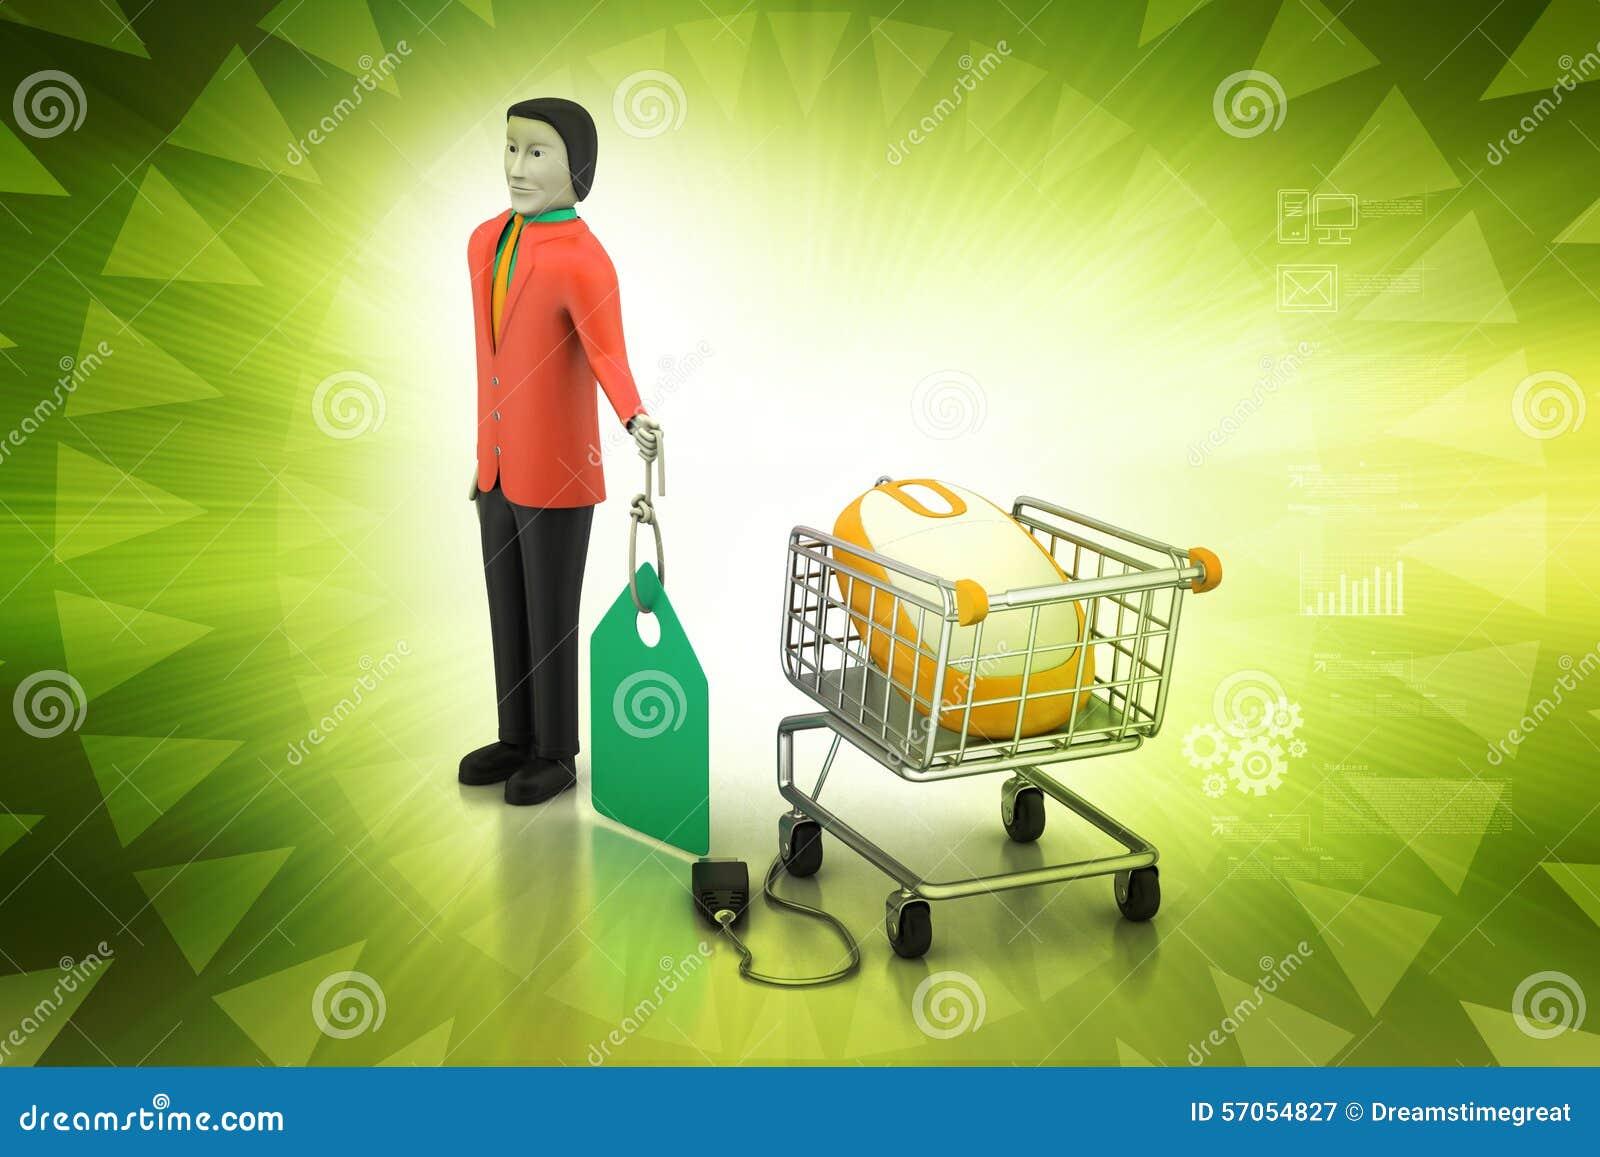 Verkoopmens met prijskaartje en het winkelen karretje